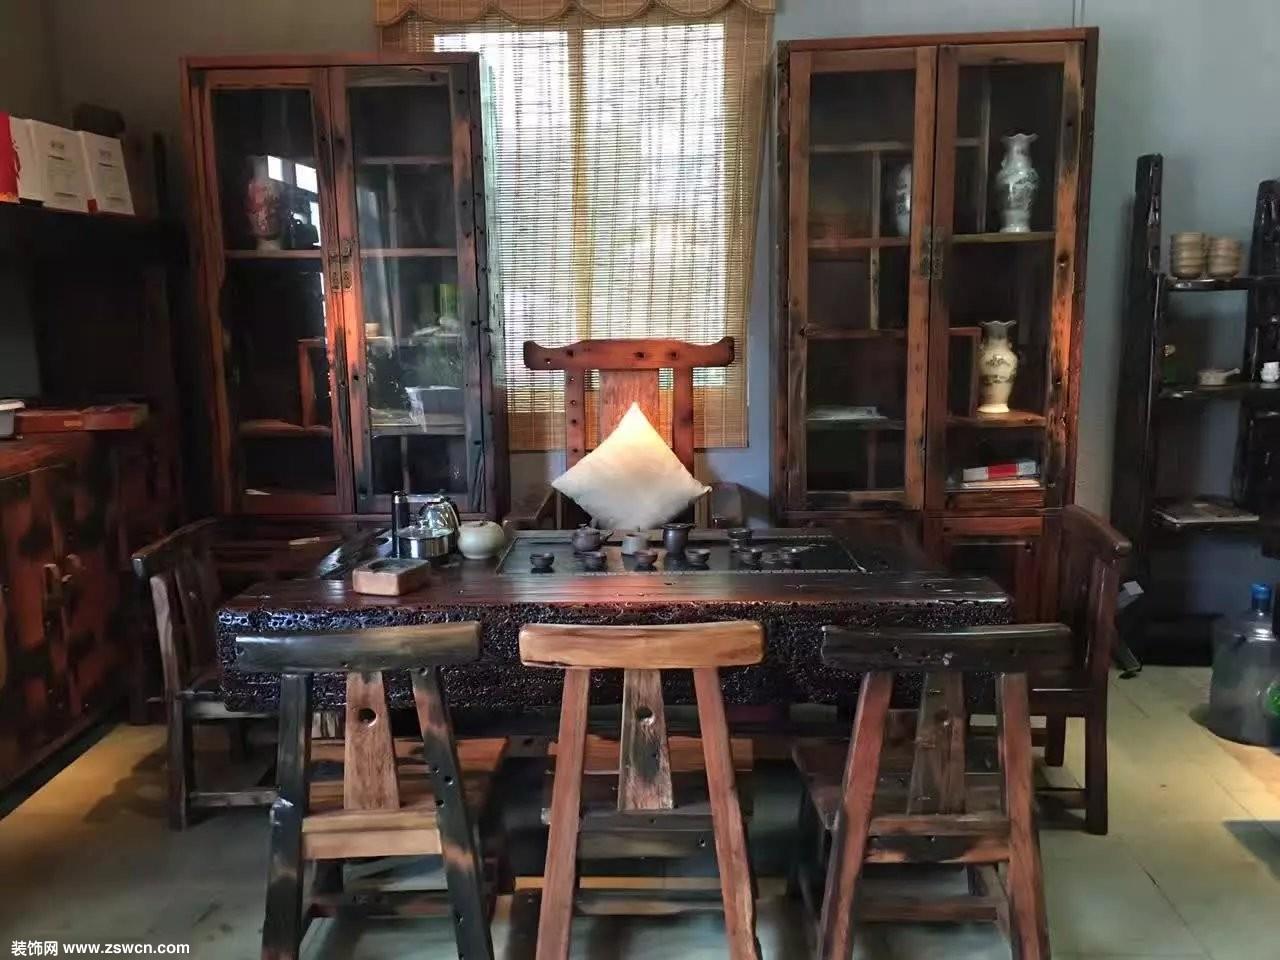 船木茶桌 在历史沧桑的浓缩中让过去与现在的时光重合